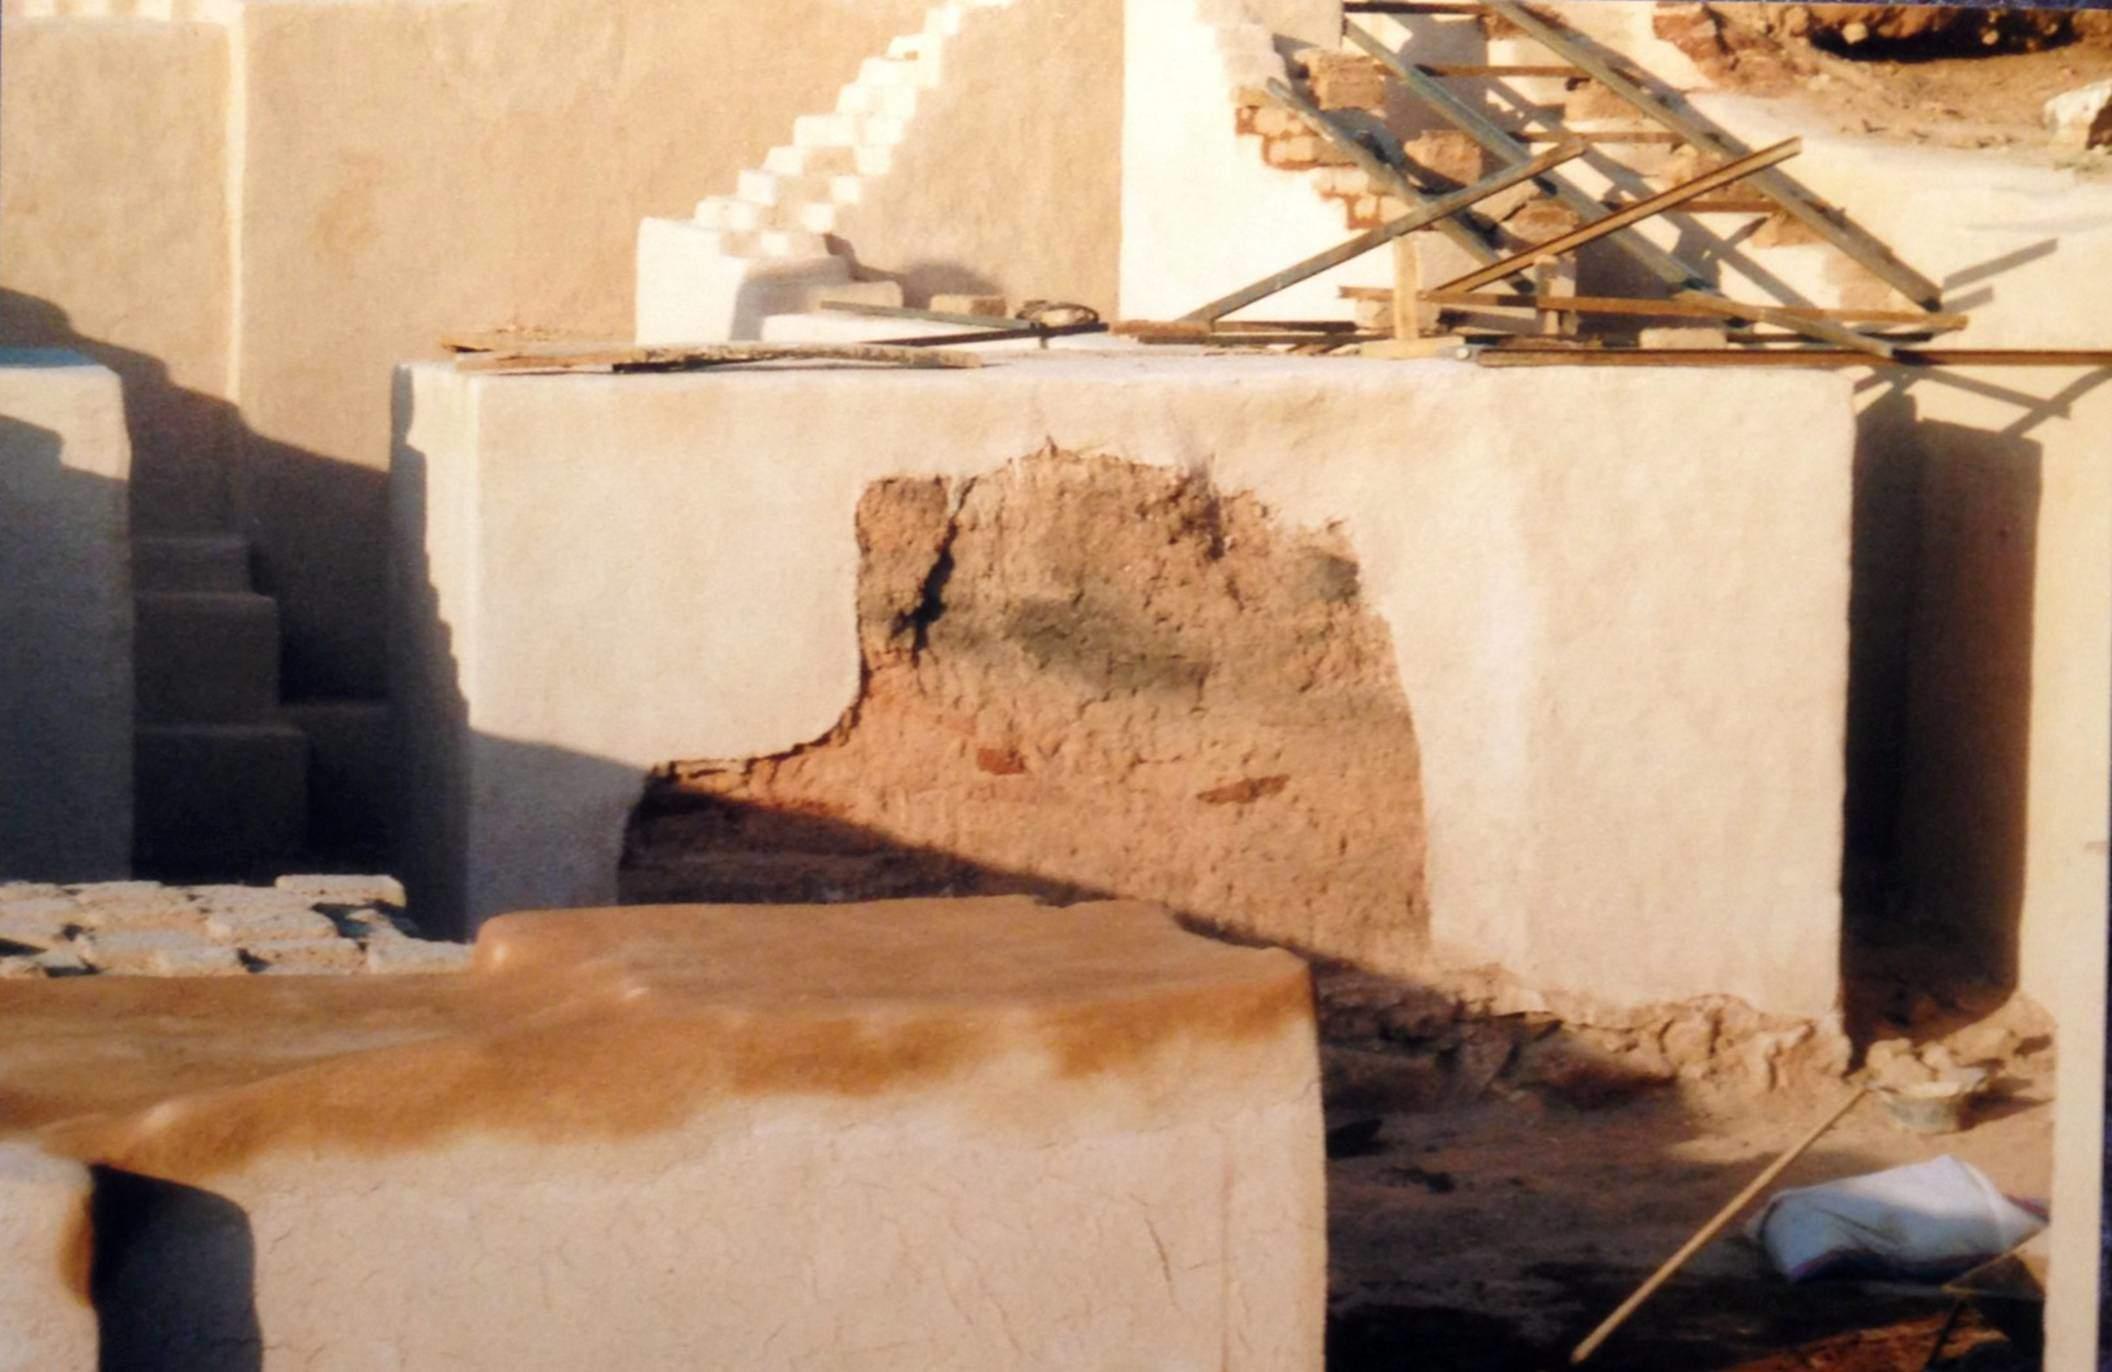 Ebla'da bulunan tablet koleksiyonlarında ekonomik, kimileri edebi bölümler içeren yönetimsel kayıtlar, öğretici uygulama tabletleri, okul metinleri yer almaktadır. Tabletlerden anlaşıldığı üzere, yazı yazma eğitimi sürekli verilmekte, günlük yönetimle birlikte yürütülmekteydi. Yazı yazma öğrencileri metinleri kopyalar, gerekli metinler daha sonra arşivlenirdi. Tell Mardikh Kasabası'nda Ebla Şehir Devleti kazıları, Suriye.